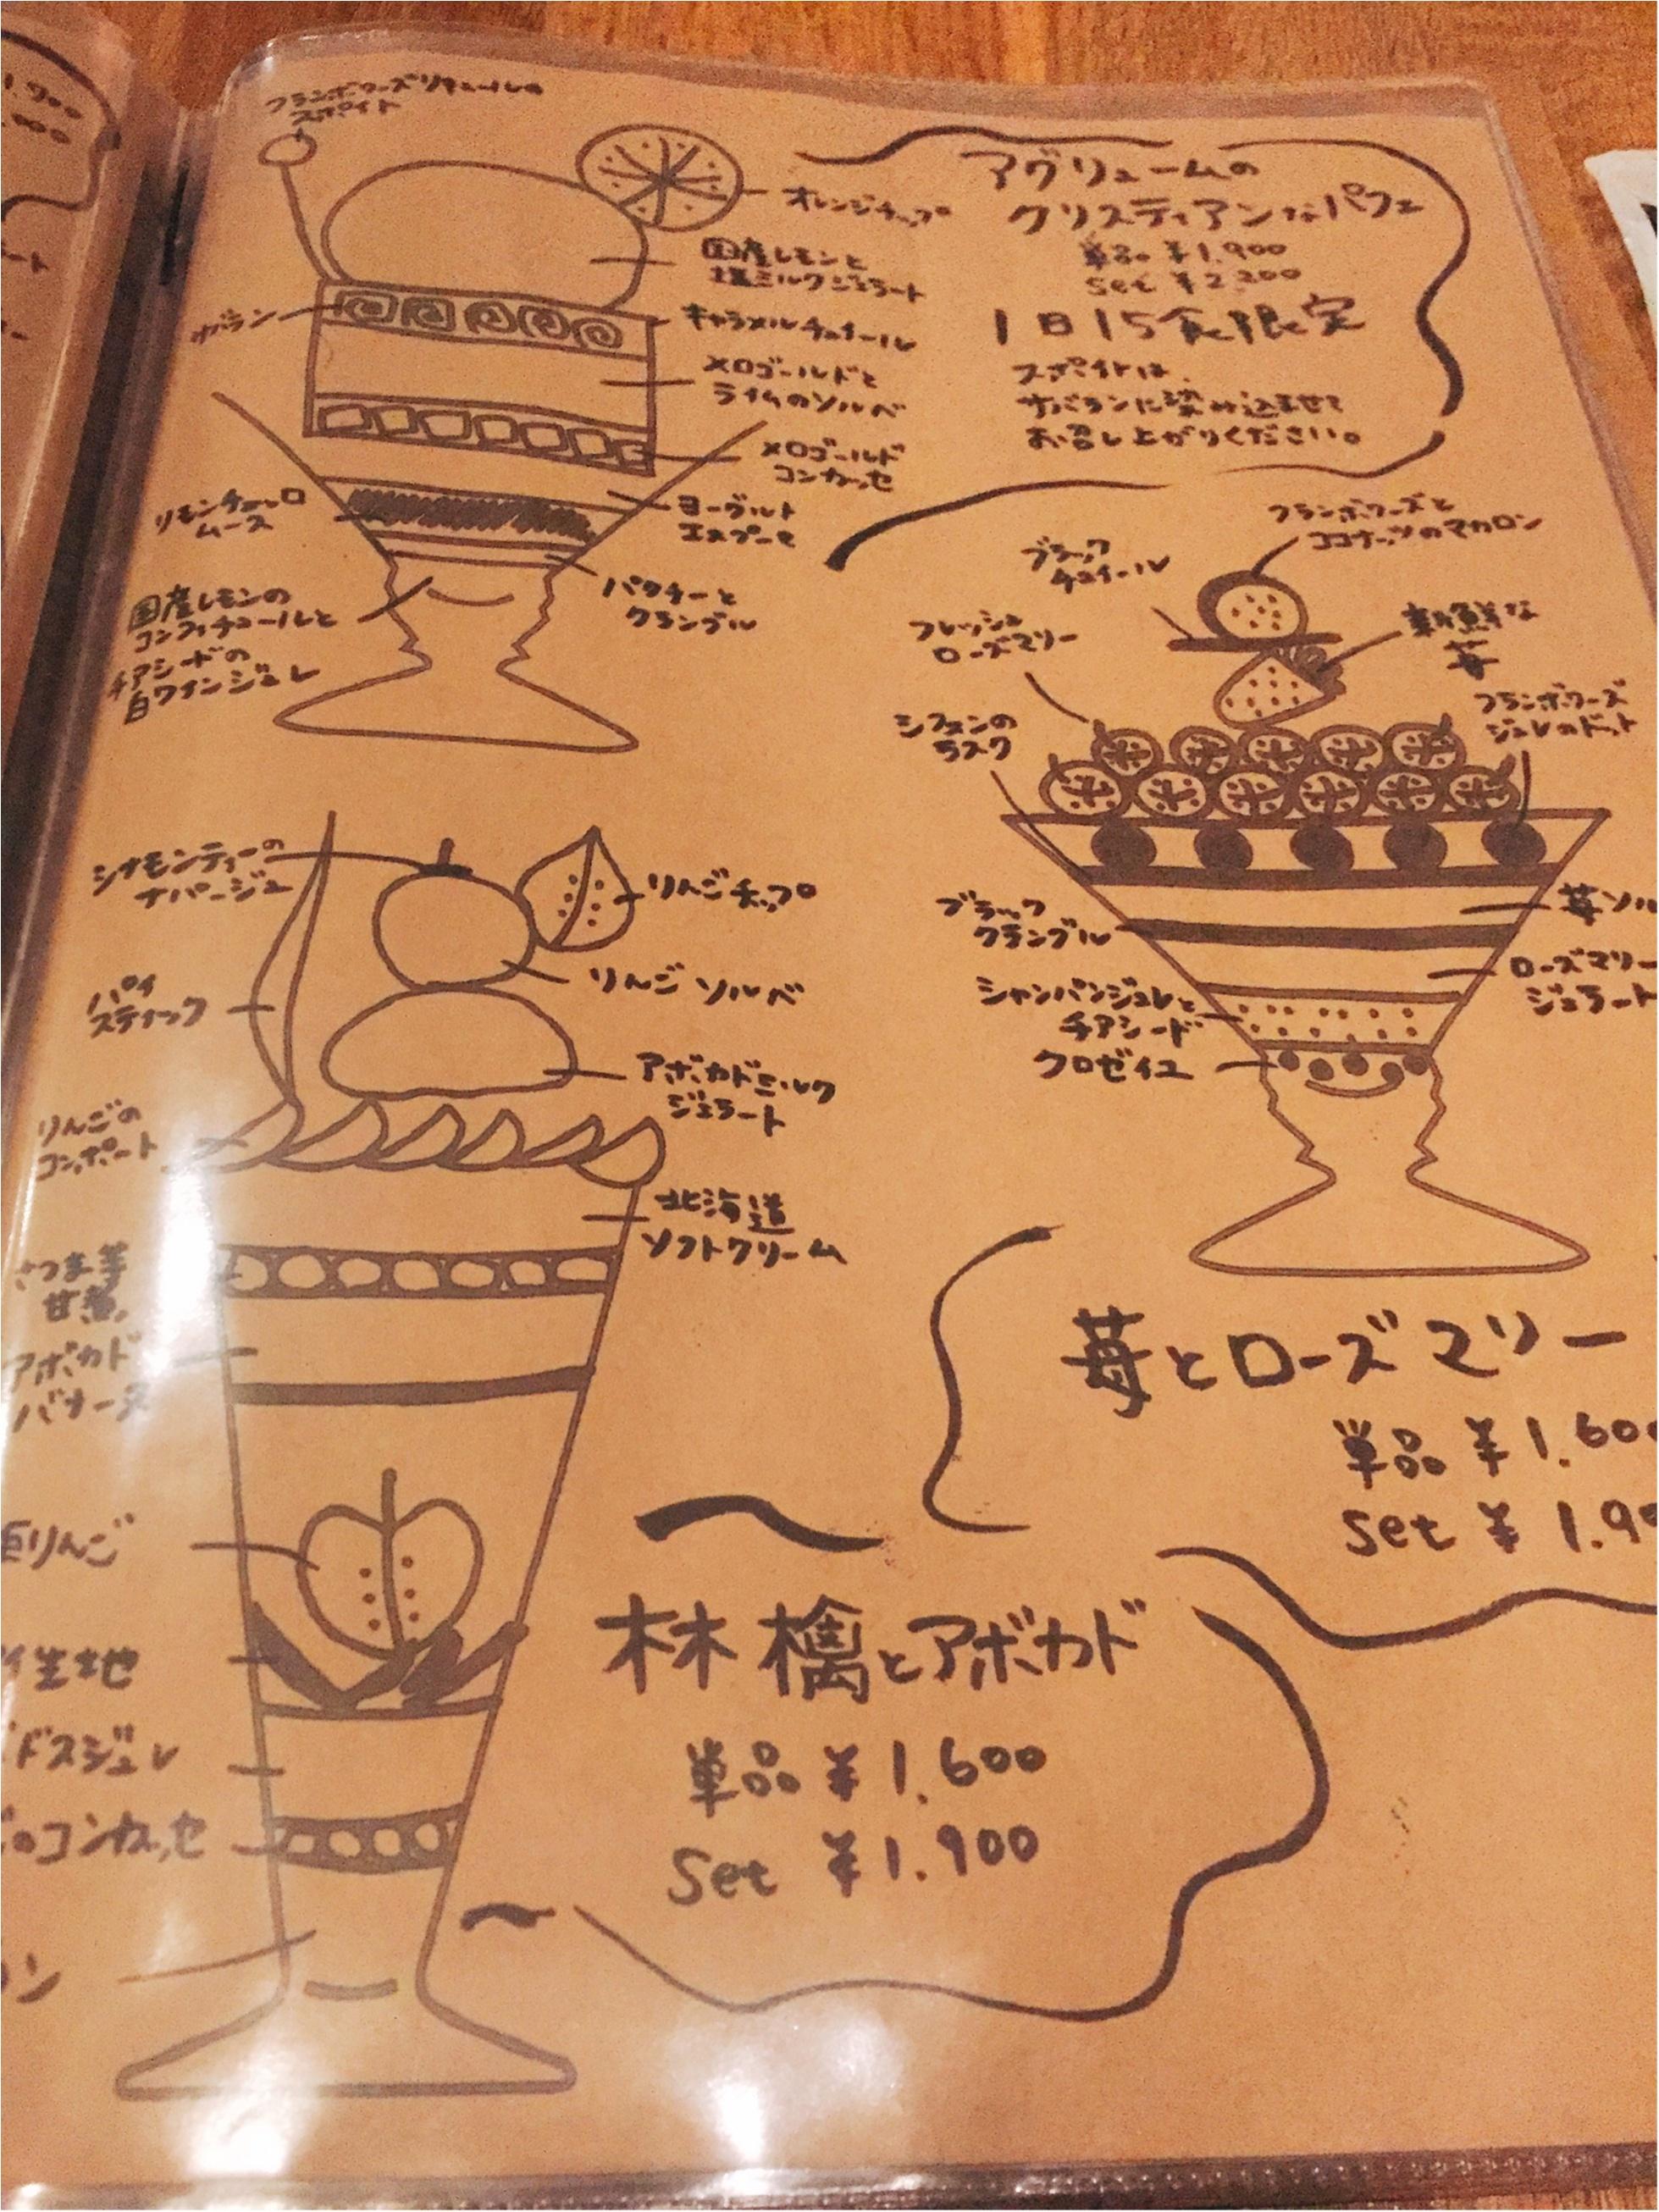 【渋谷/夜だけ食べられるパフェ】一日の締めに美味しいパフェで〆る!お酒も飲めるフォトジェニックなスイーツカフェ♡_2